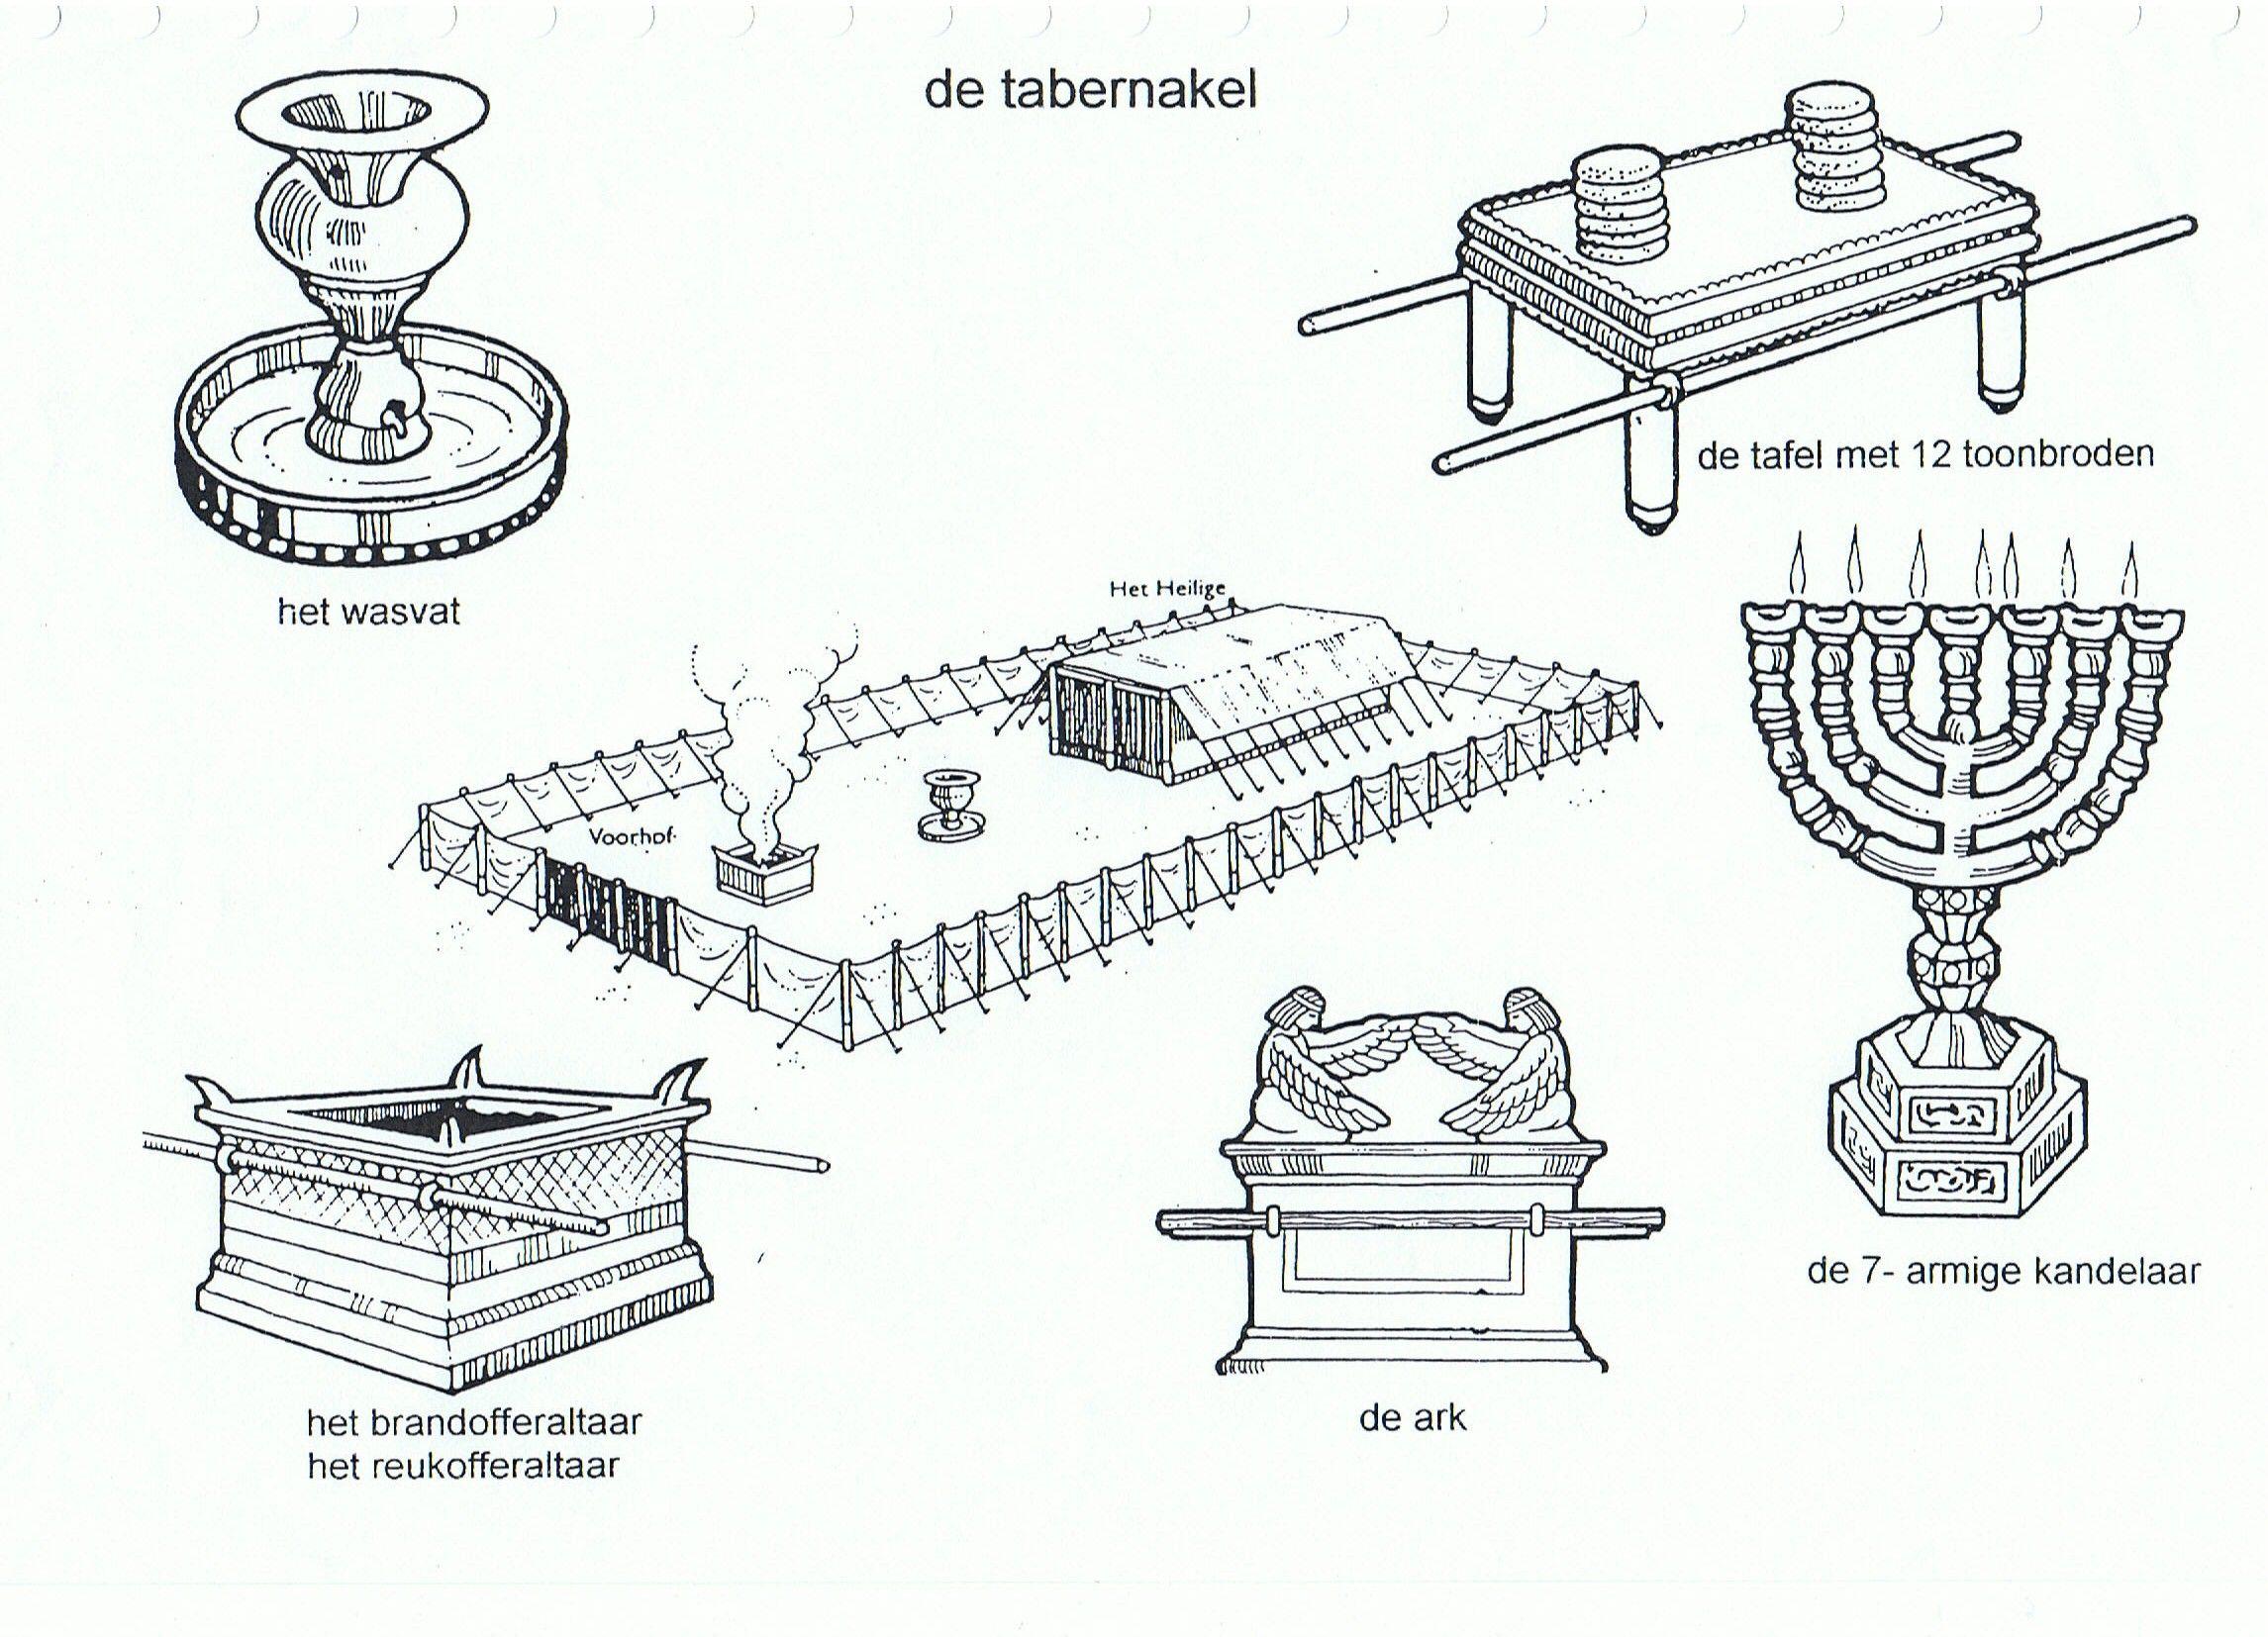 Wat Staat Er In De Tabernakel